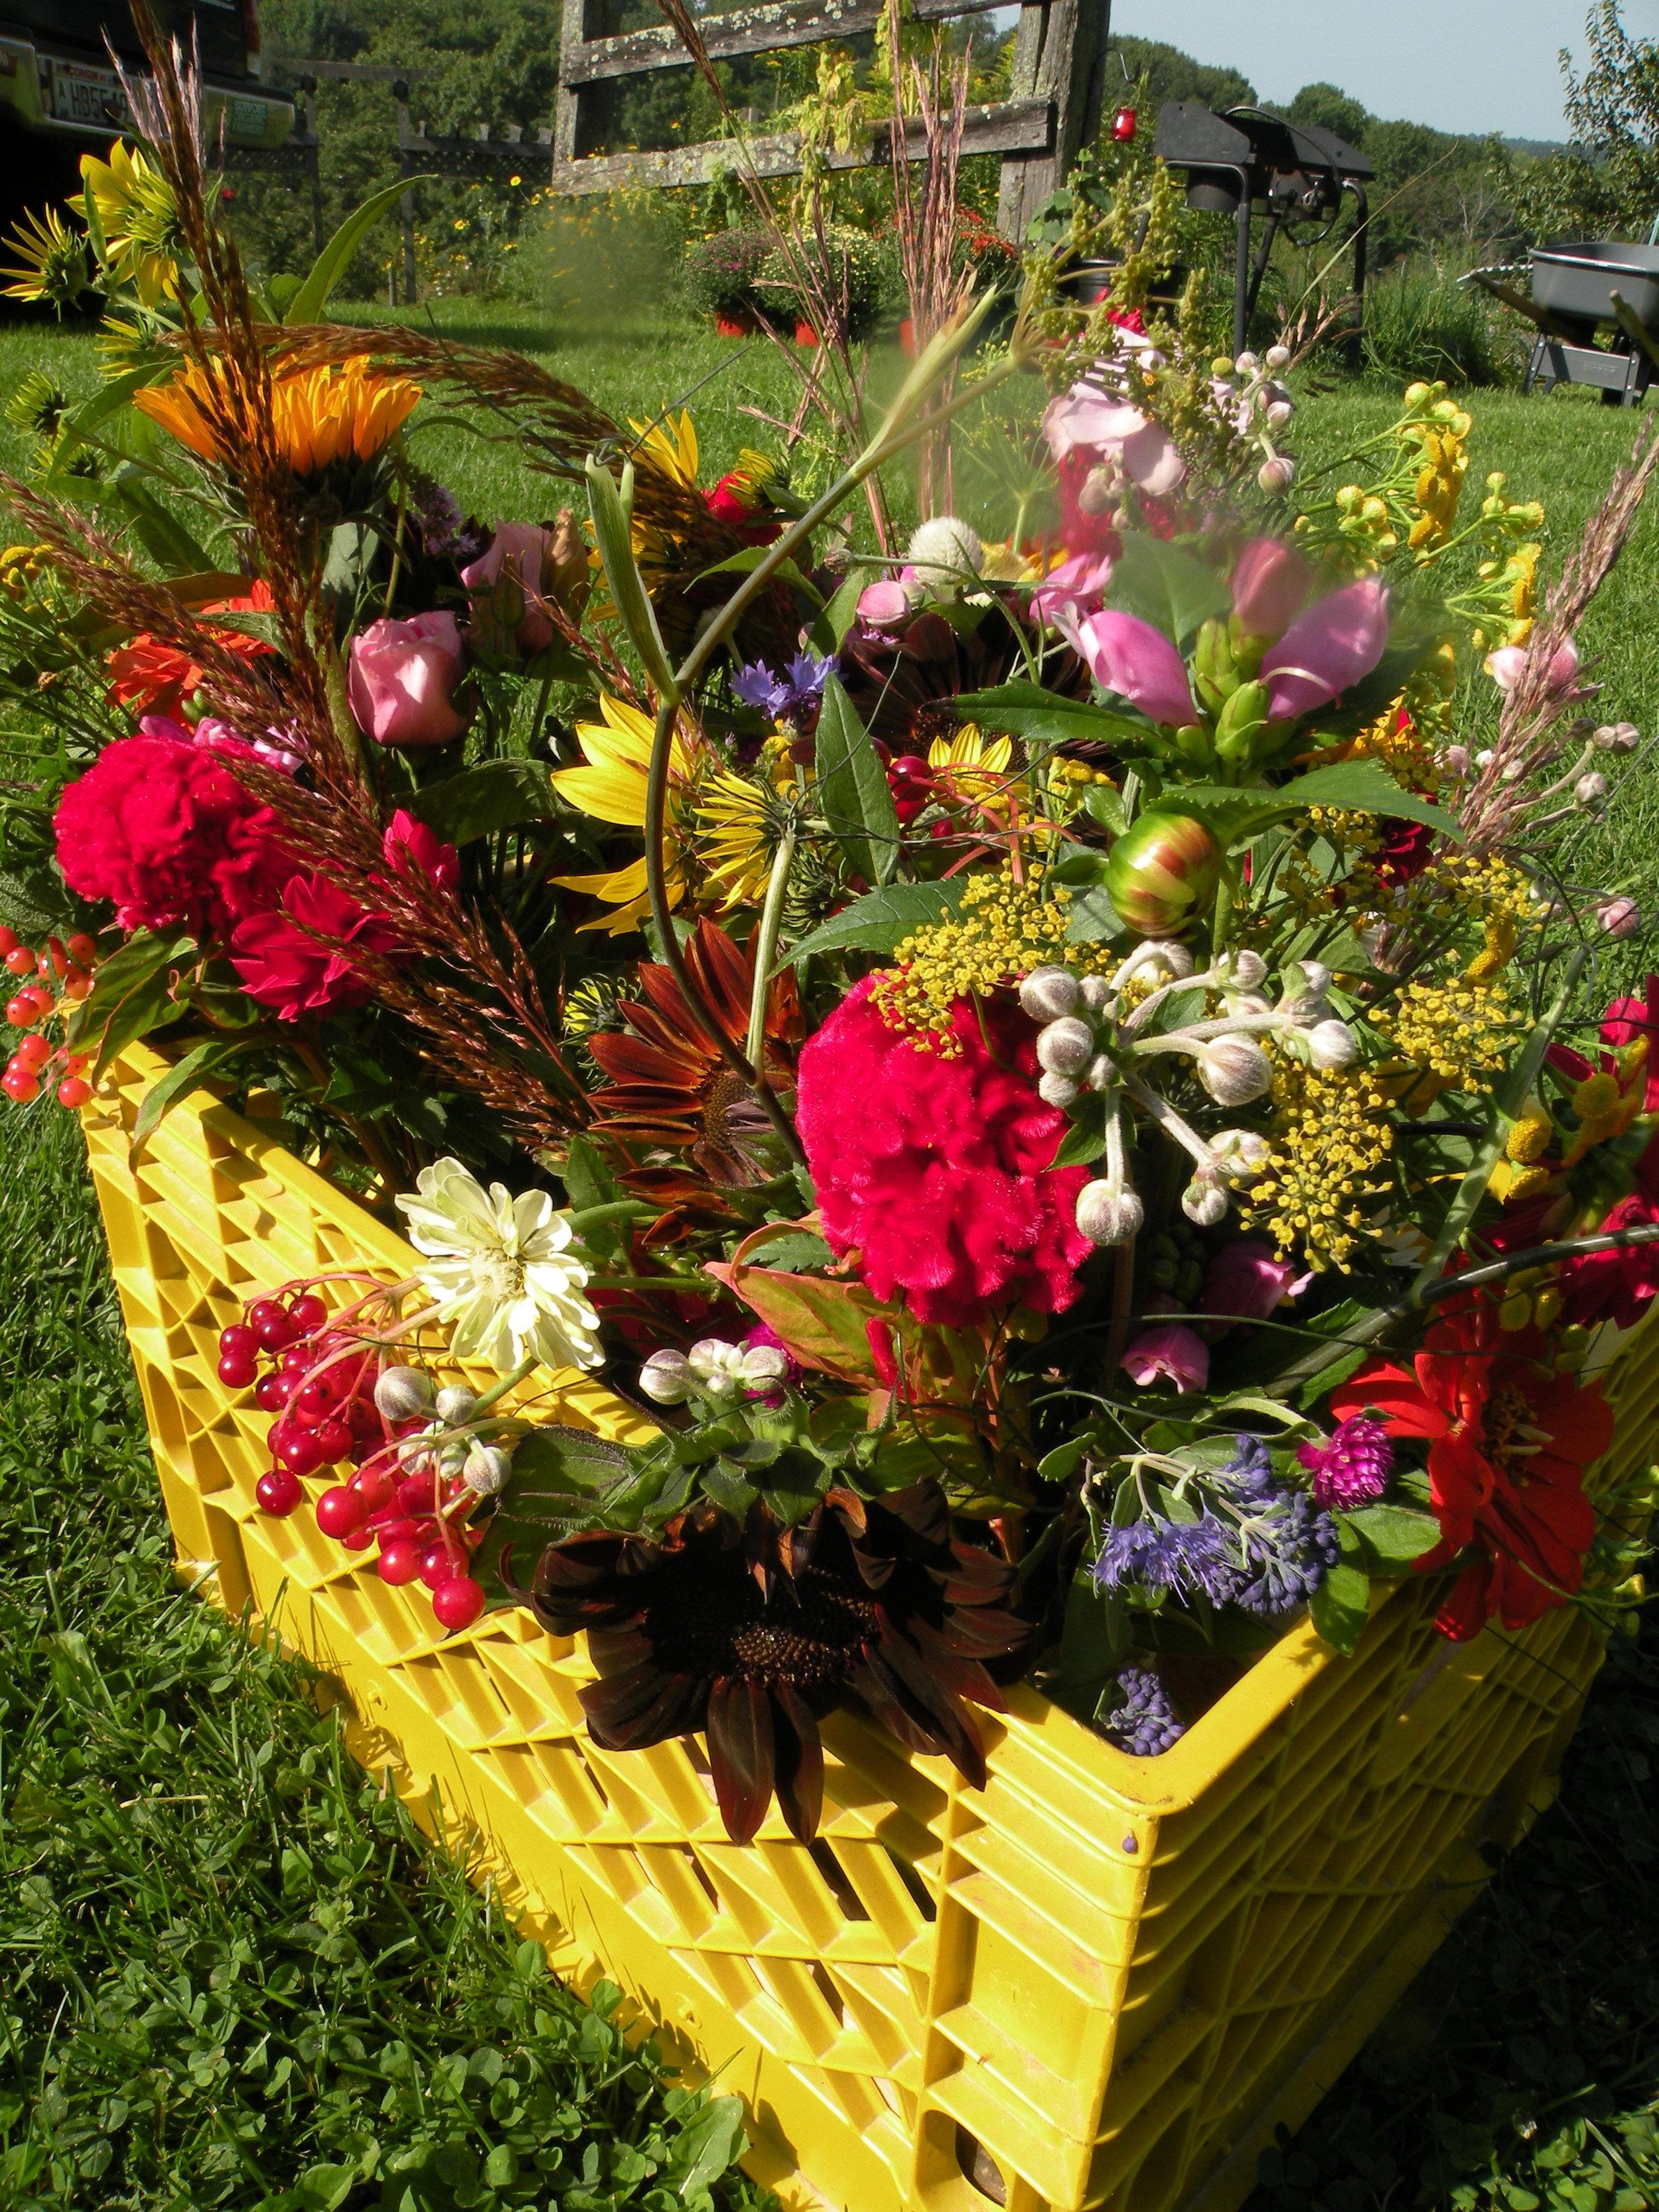 A September Flower CSA Banquet. Photo by Erin Schneider